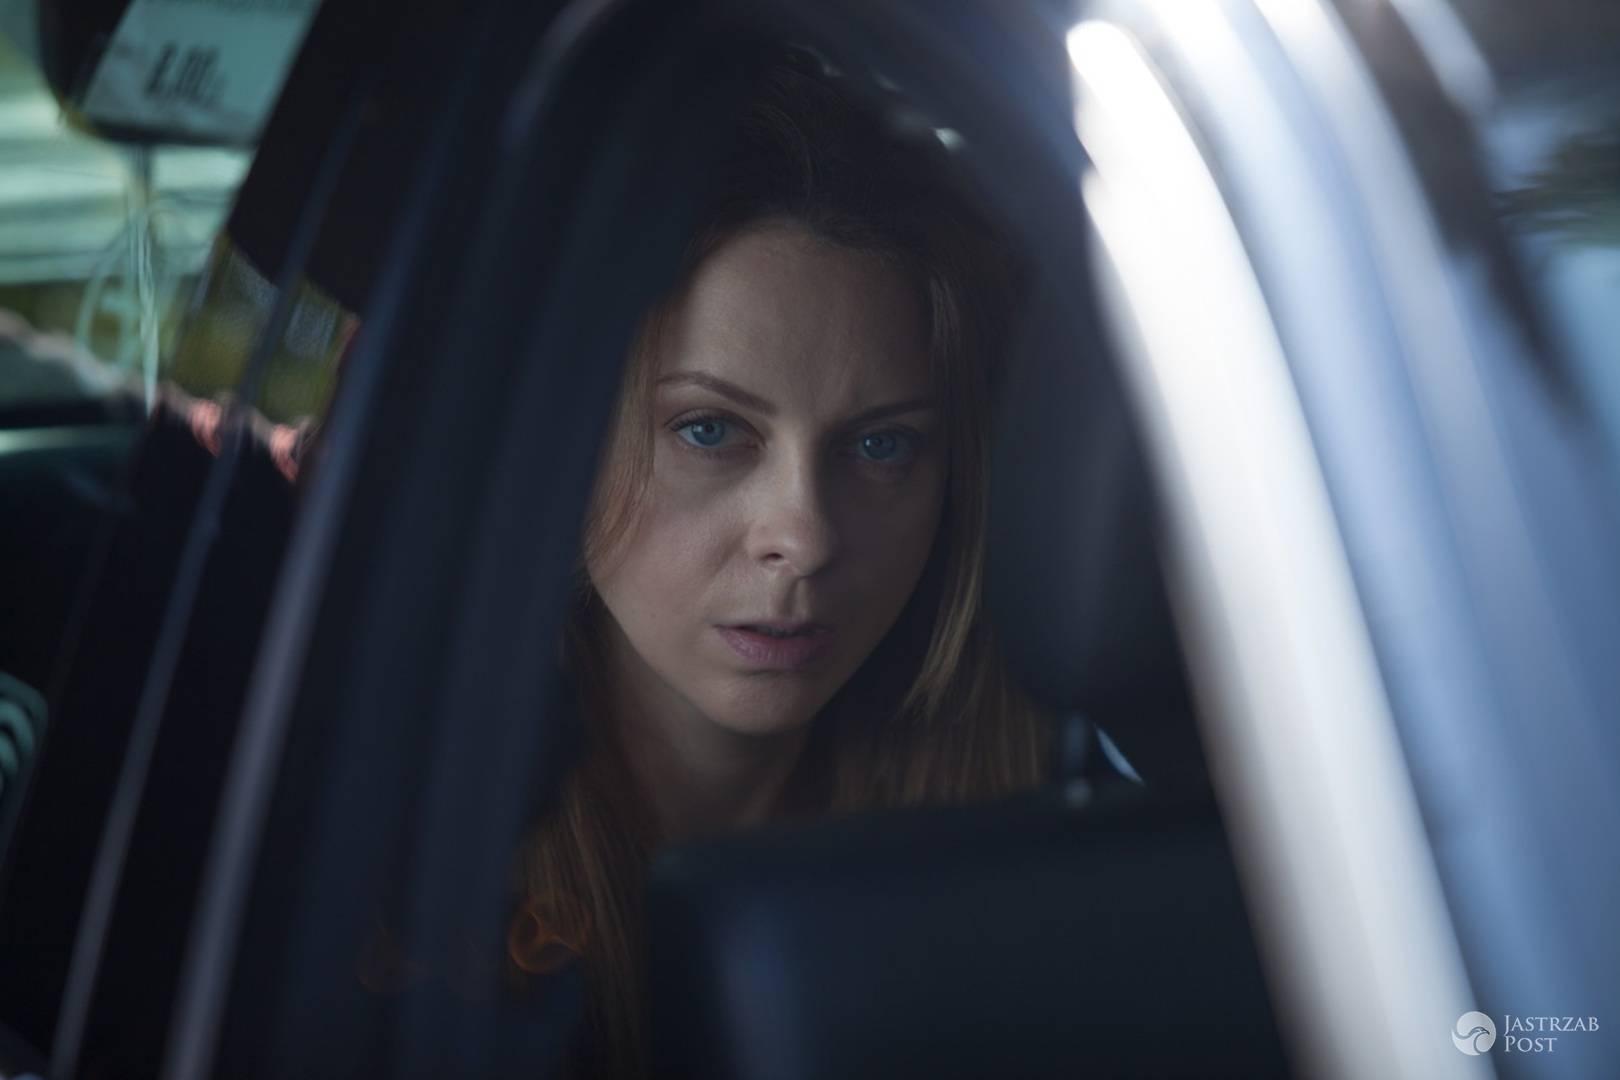 Przyjaciółki 6 odc 10, Magda (Karina Seweryn), fot: Polsat materiały prasowe